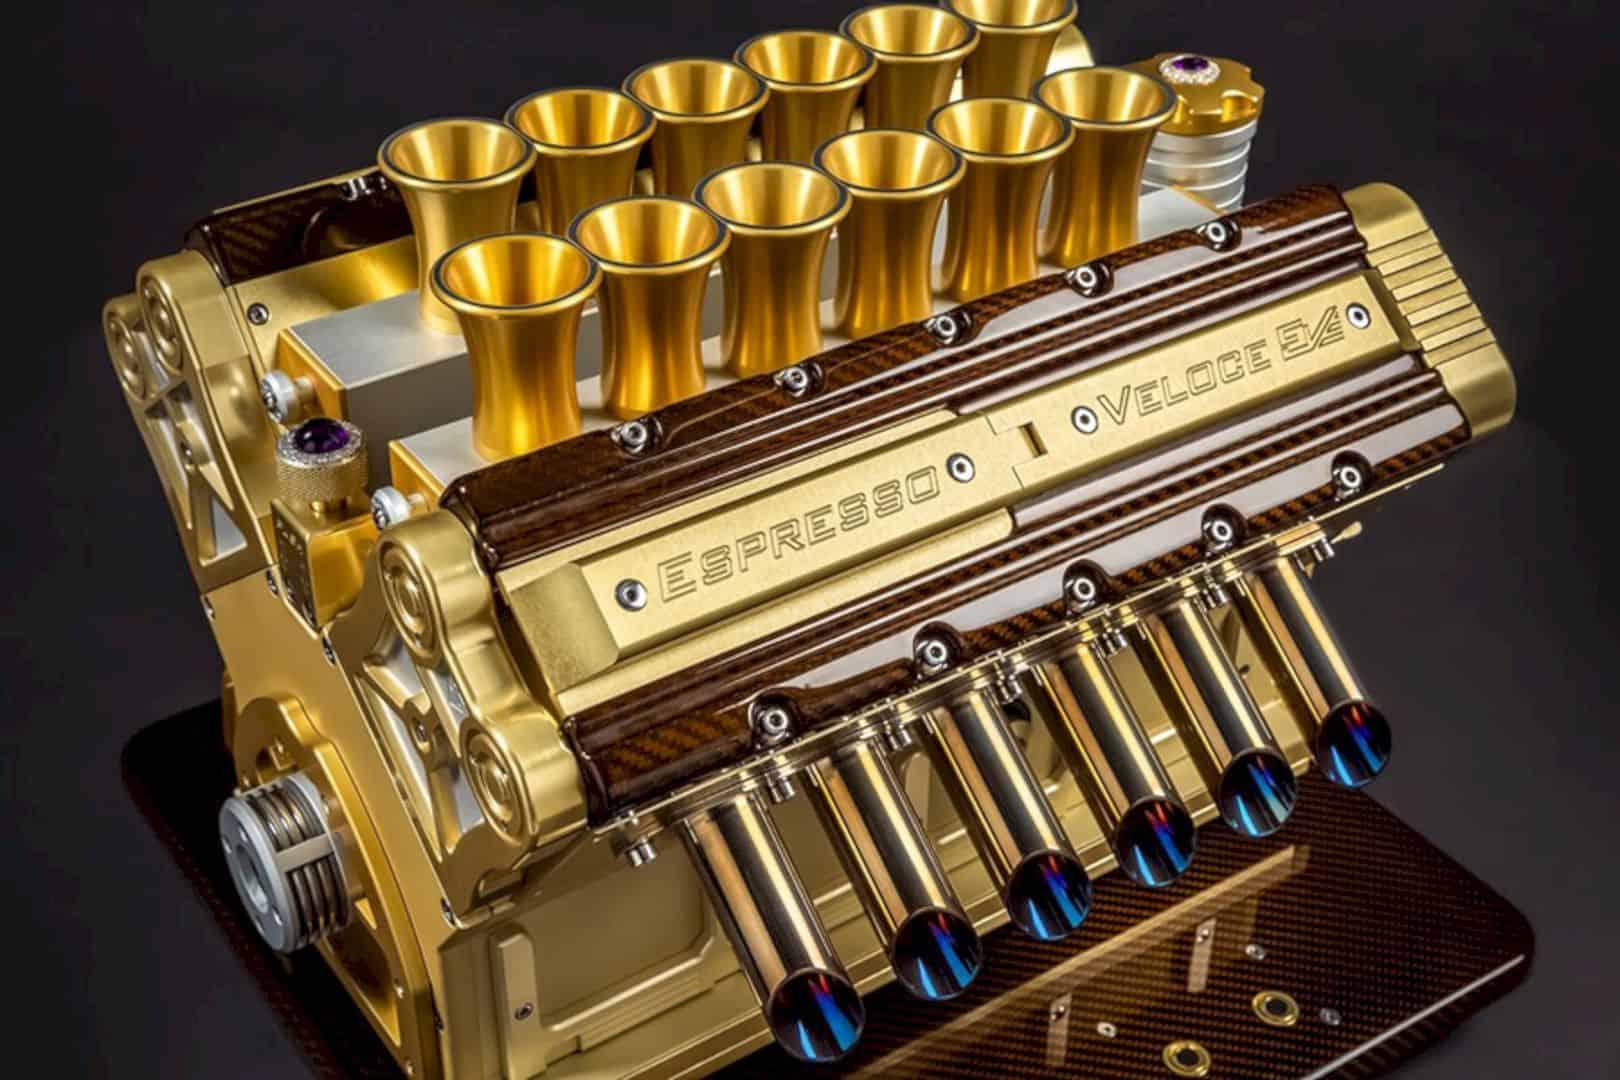 Espresso Veloce Royale 01 4